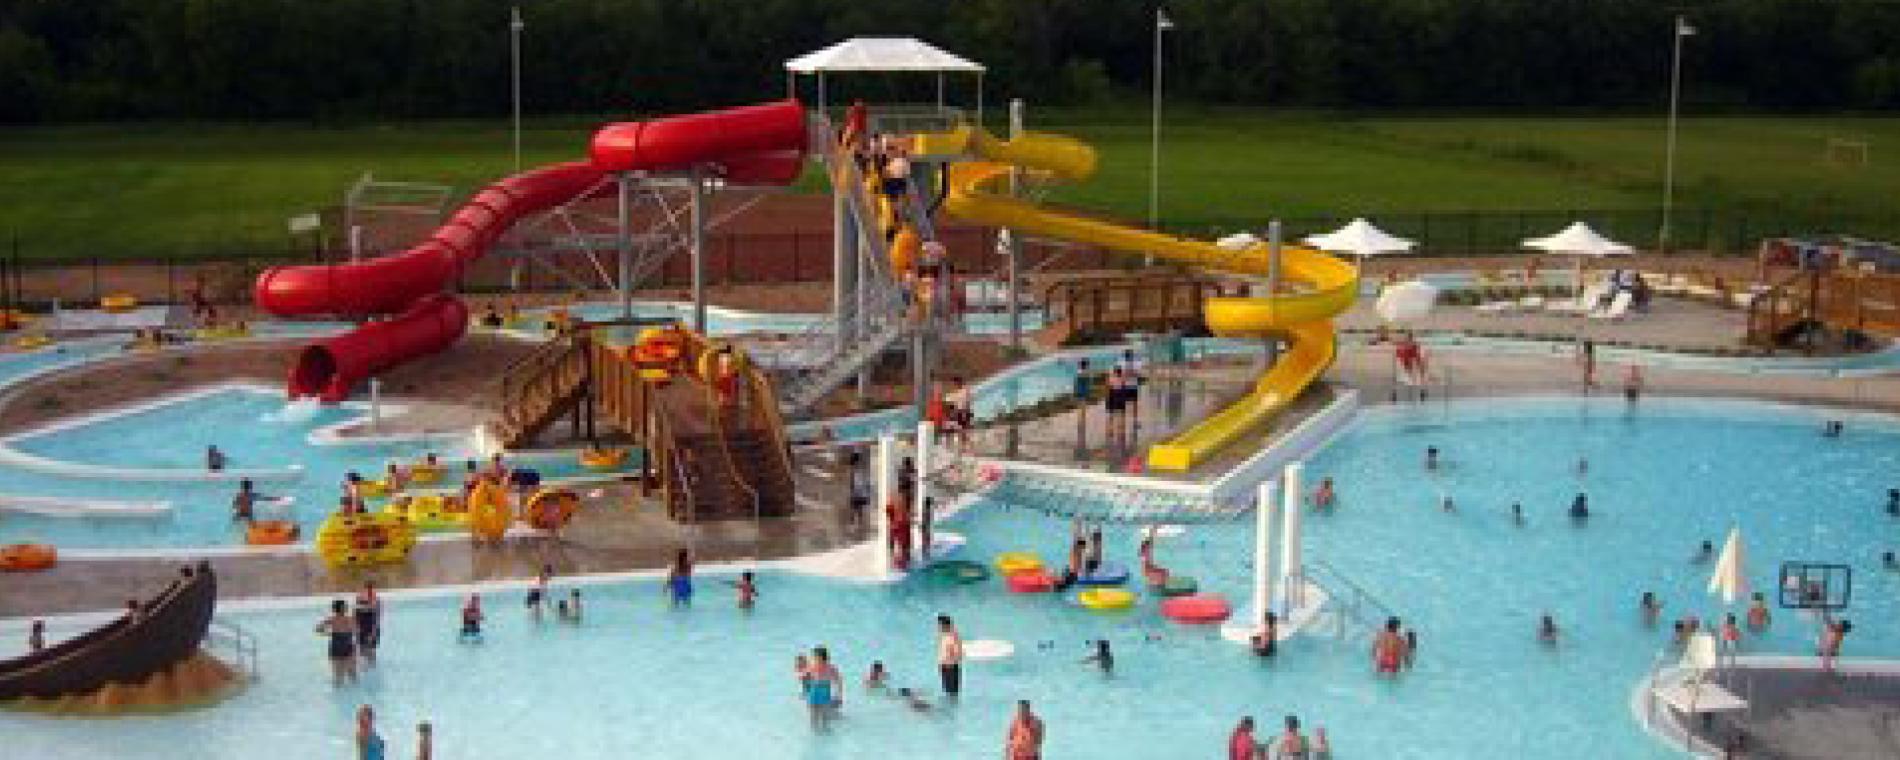 WaterPark Northwest YMCA